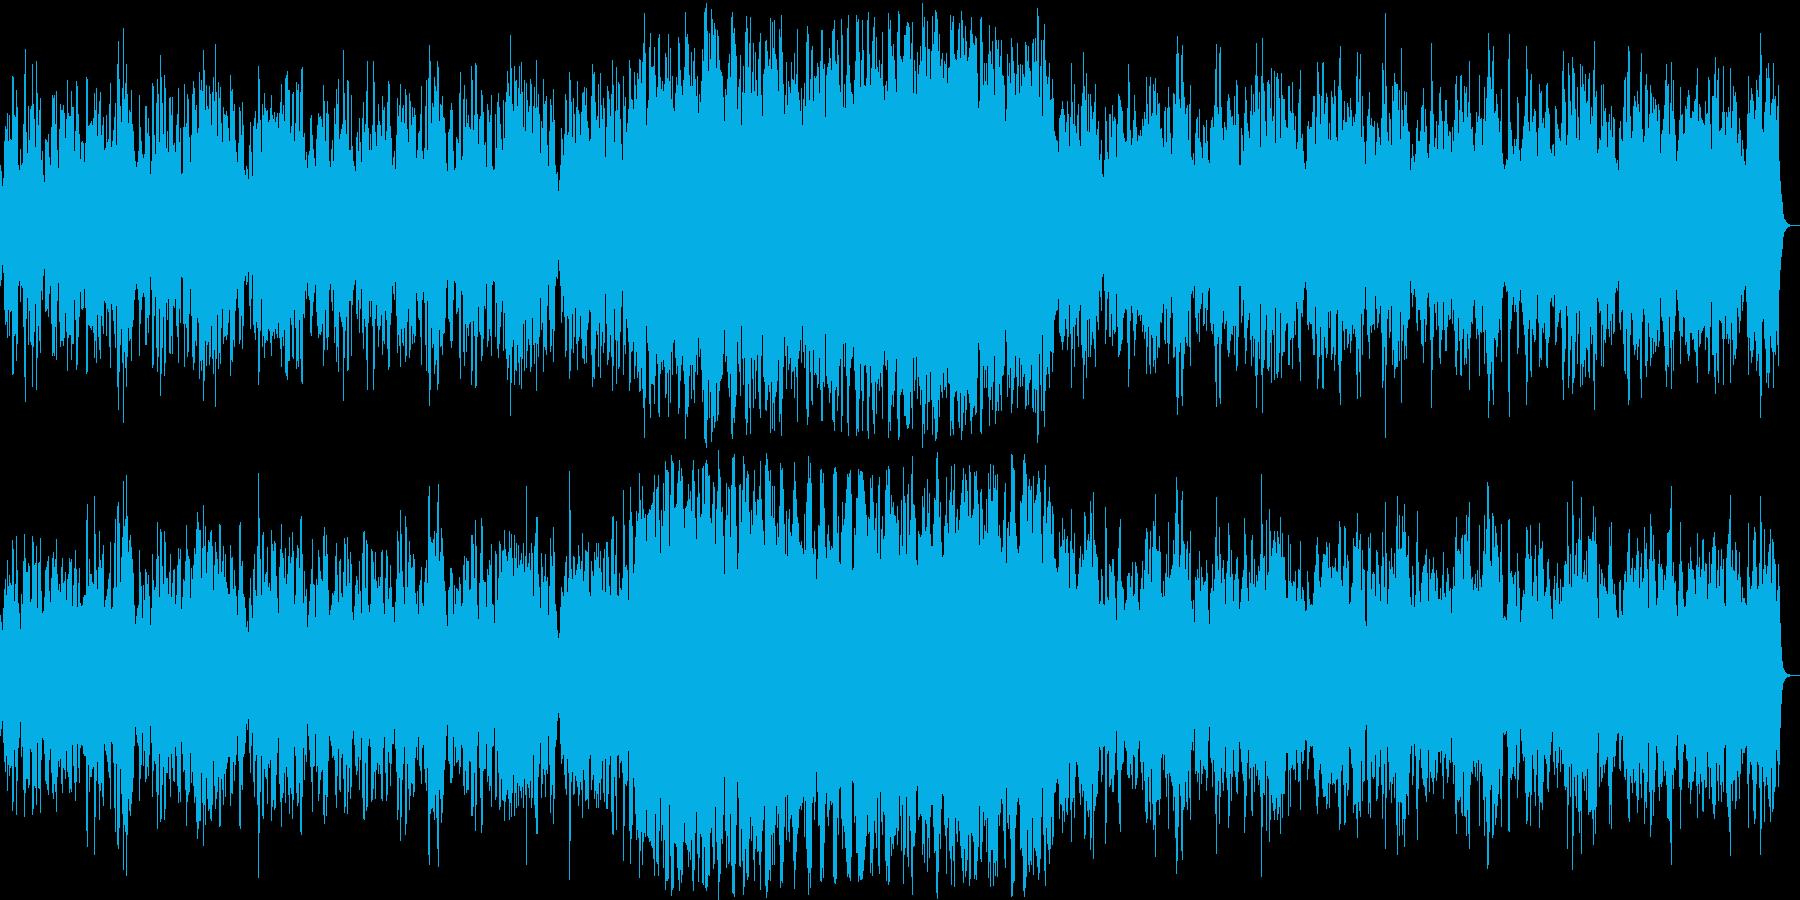 神聖な雰囲気のシンセサイザーサウンドの再生済みの波形